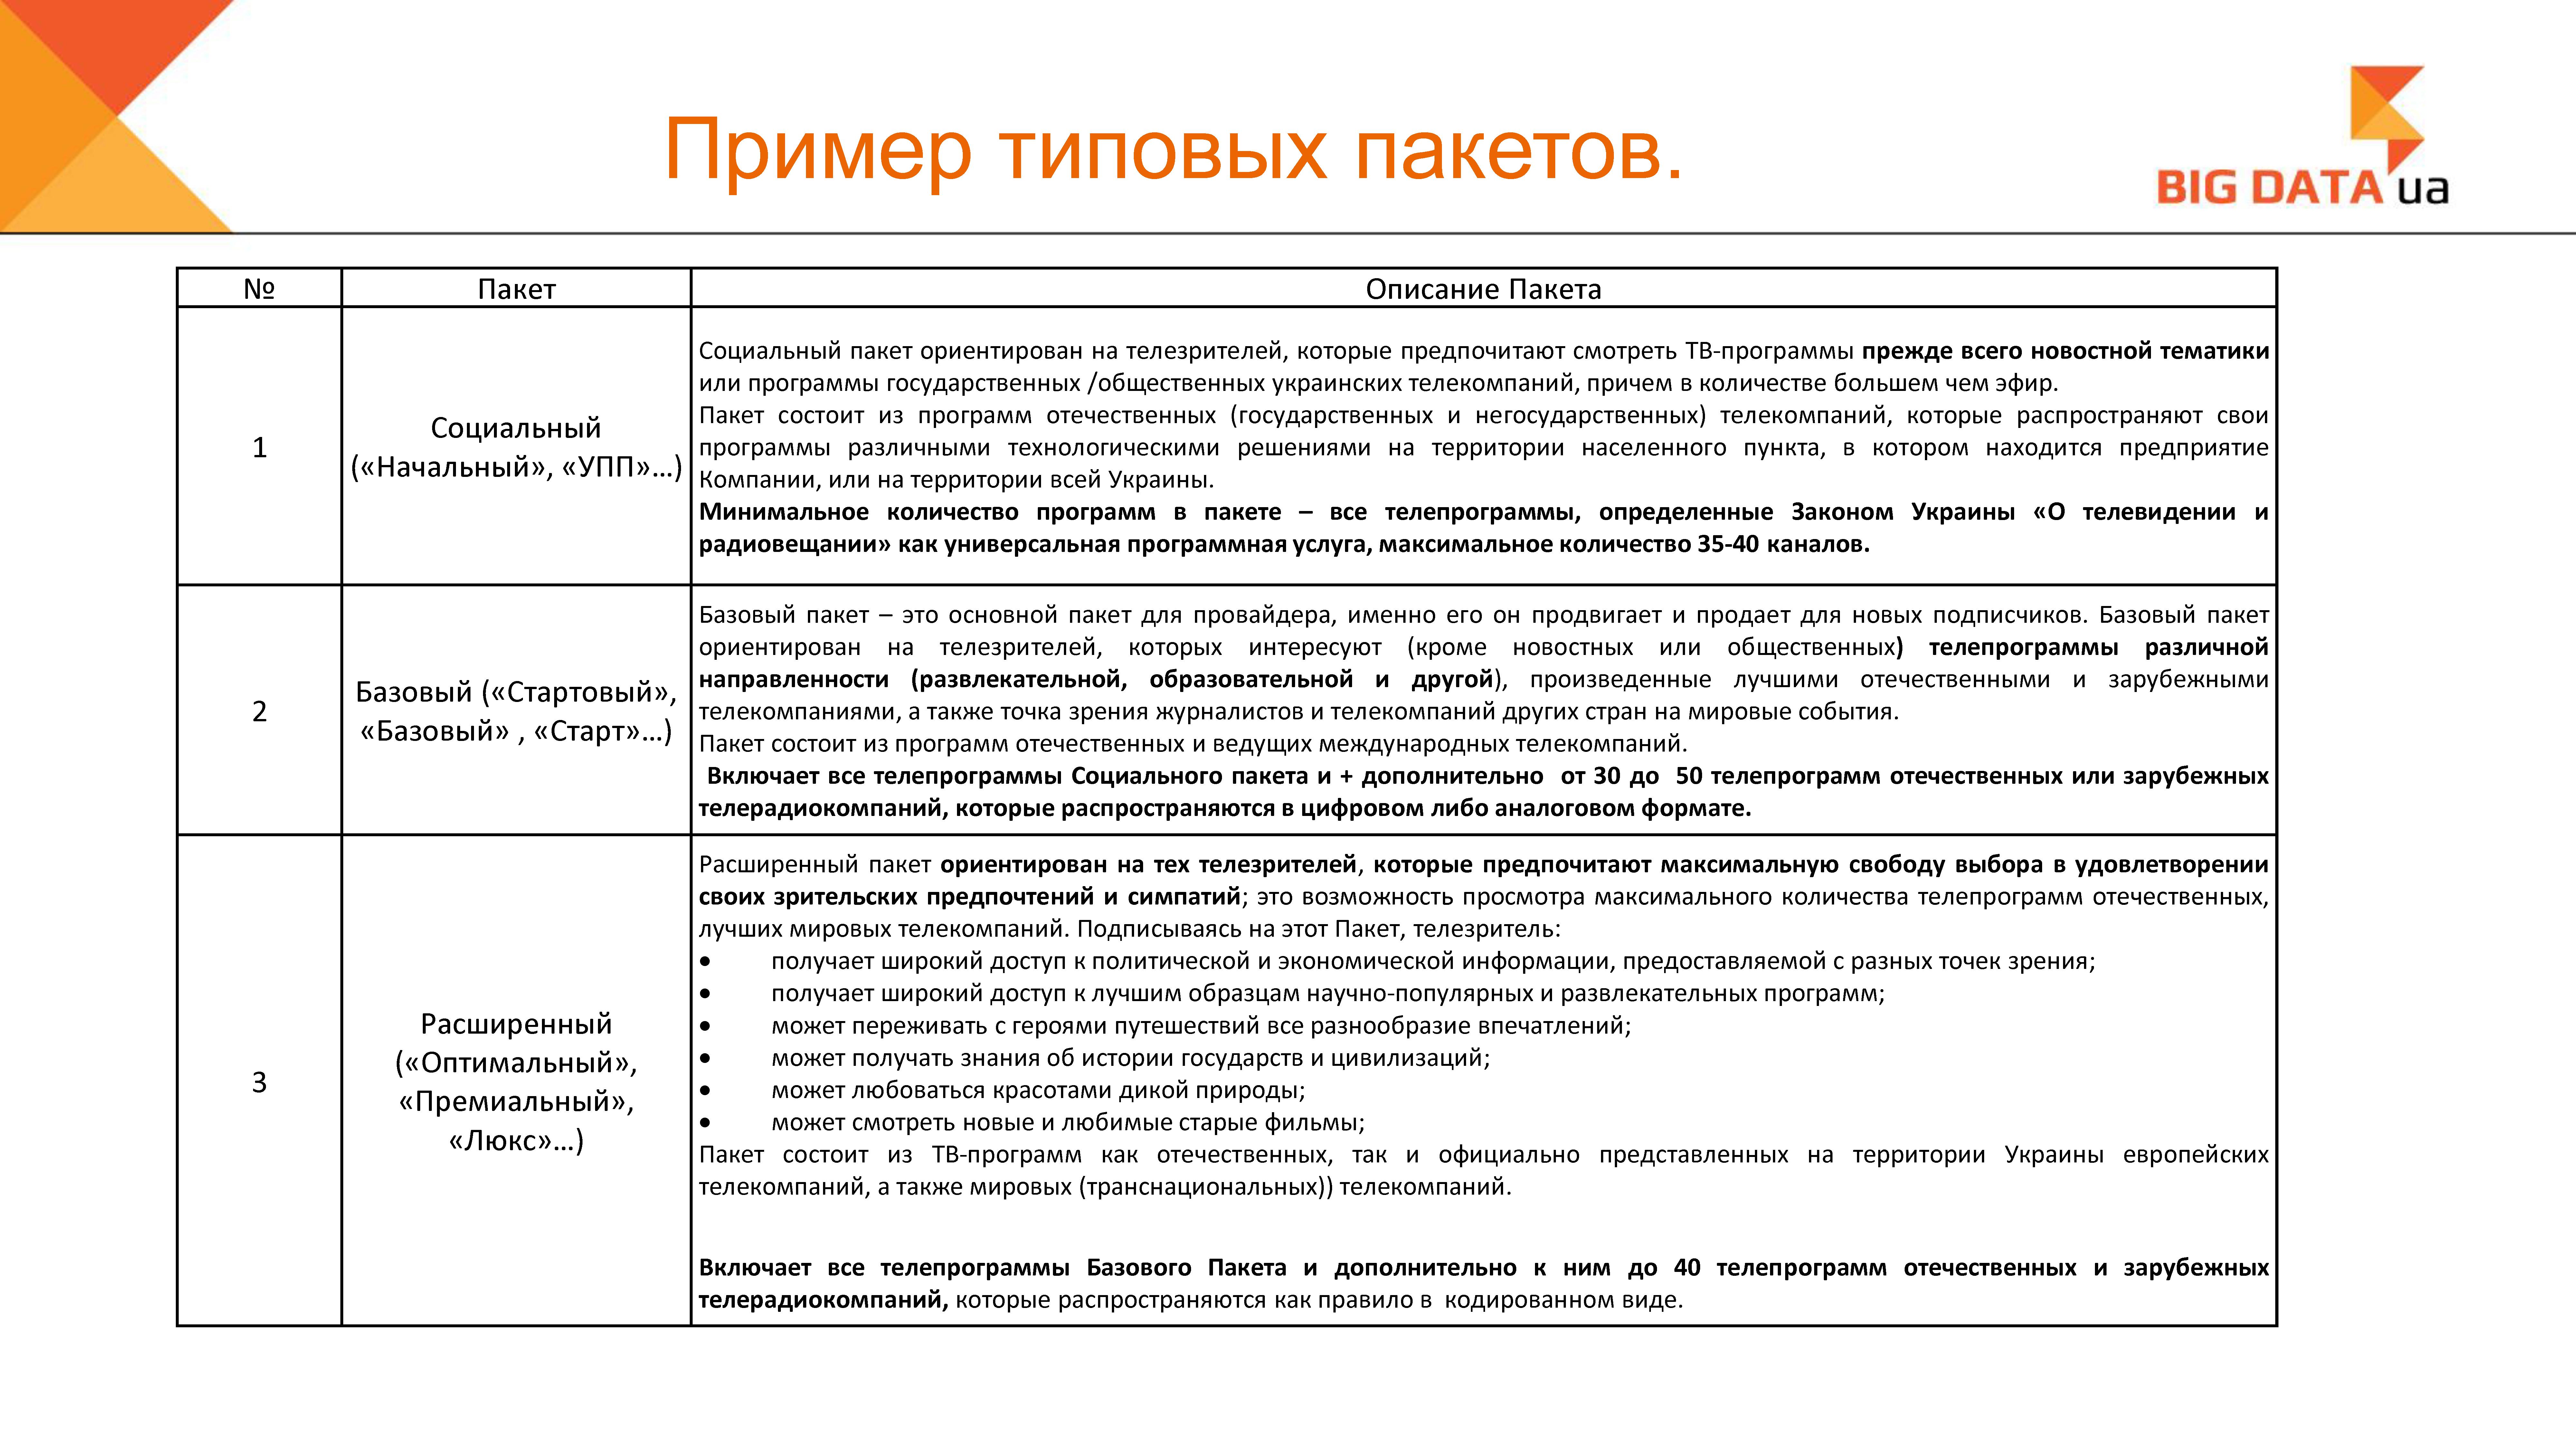 Как провайдерам платного ТВ научиться правильно пакетировать телеканалы, - Сергей Бойко